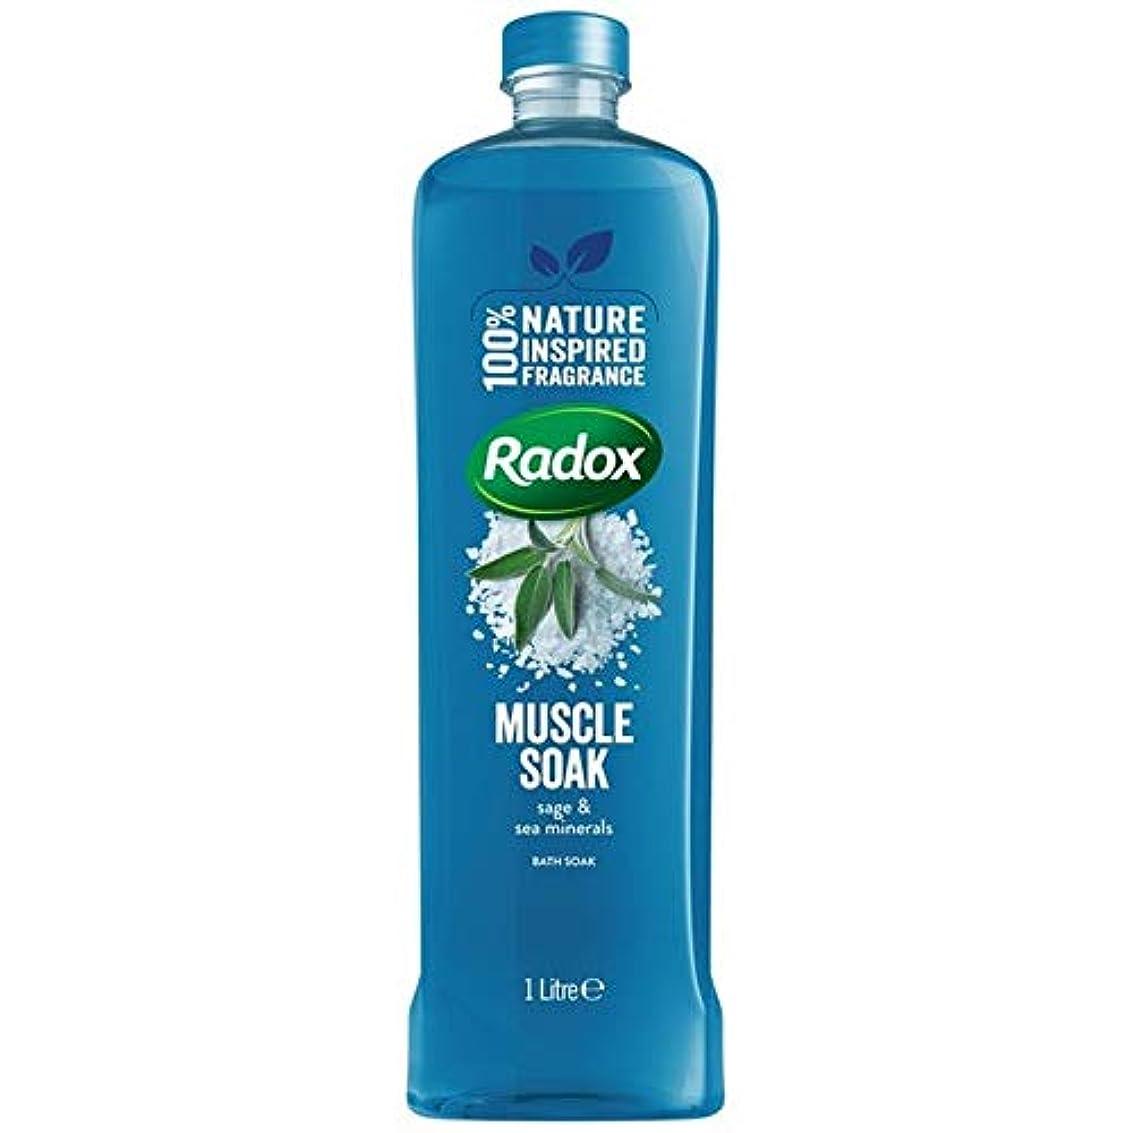 カブ家禽顕微鏡[Radox] Radox筋はセージ&海のミネラルの1リットルに浸し風呂につかります - Radox Muscle Soak Bath Soak with Sage & Sea Minerals 1L [並行輸入品]